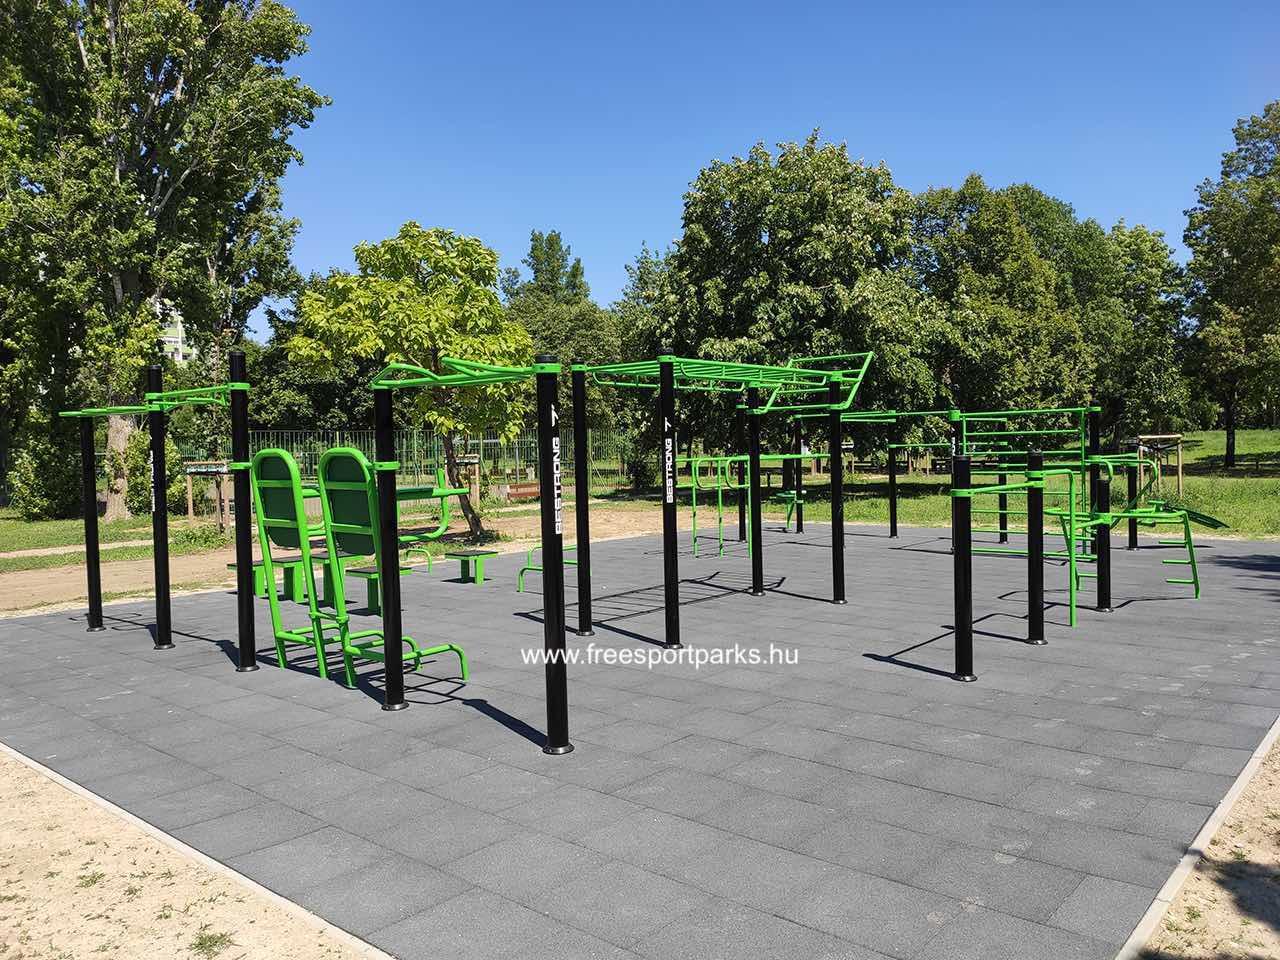 Csobánka tér (Békásmegyer) - Óbudai kondipark (Street Workout Park) - Free Sport Parks térkép